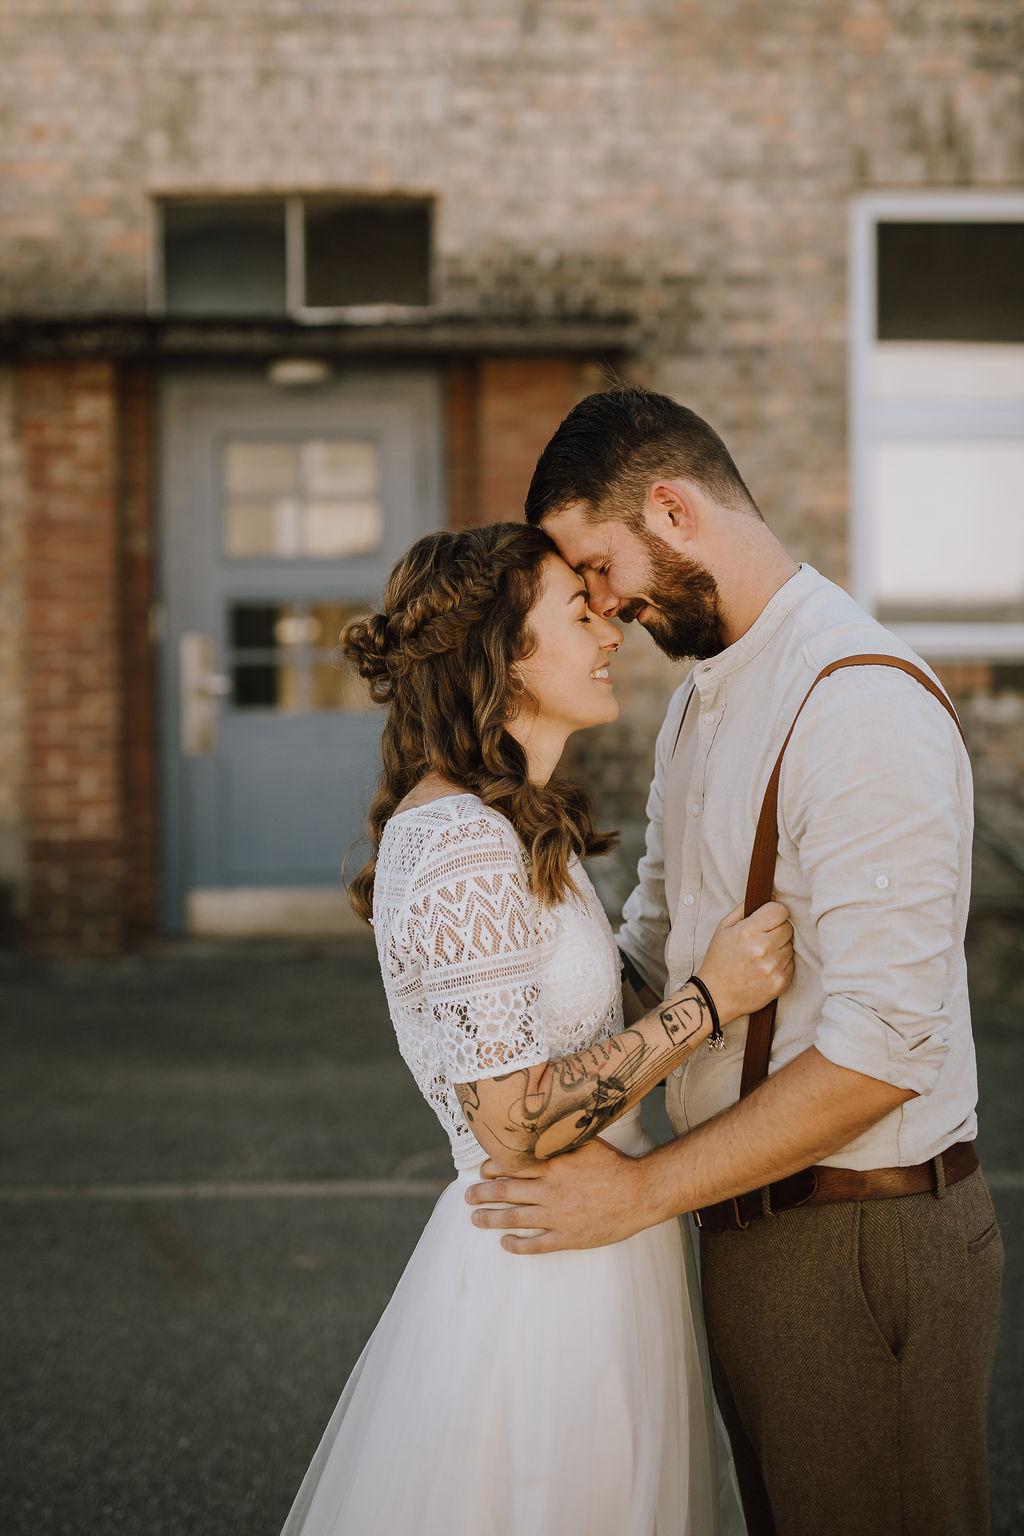 Styled Shoot Brautmode, Brautpaar mit zweiteiligem Boho Brautkleid, brauner Anzugshose, Hemd und Boho-Hosenträgern, umarmend